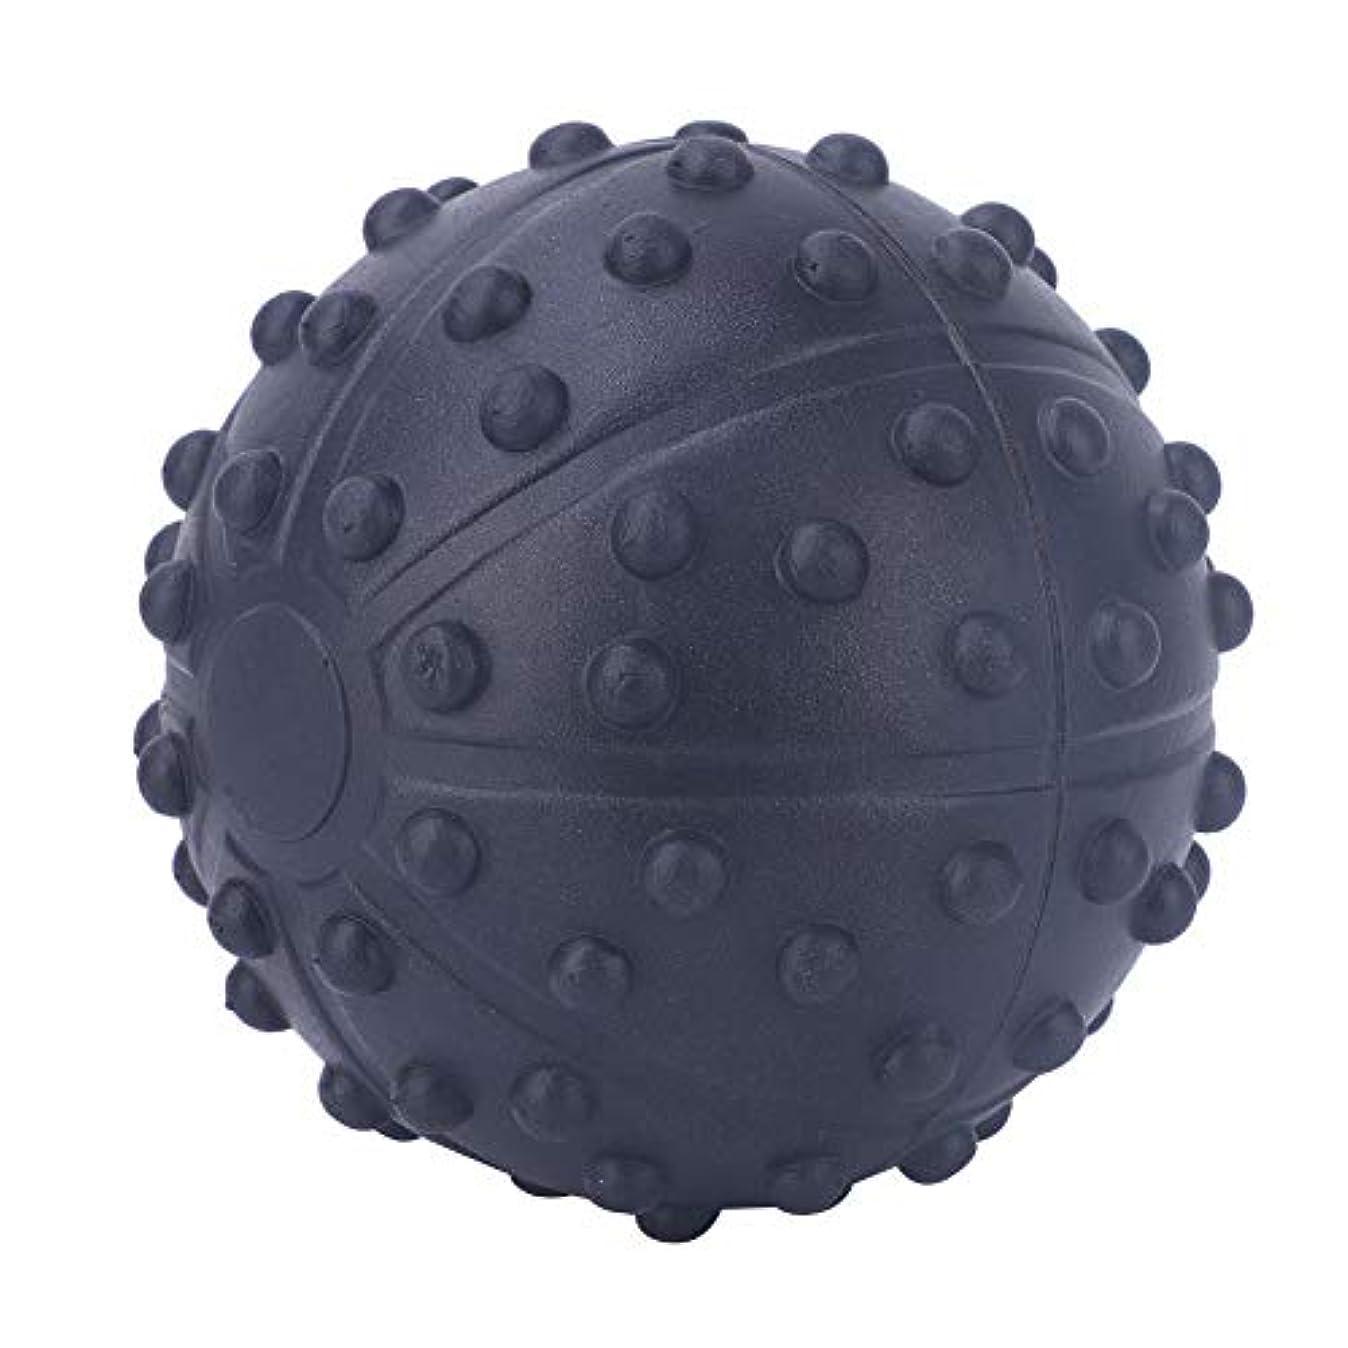 なんでも技術的な流体深いティッシュヨガの筋膜の球、ヨガの疲労筋肉は筋肉救済、背部、首および足のマッサージャーのためのスポーツの球を取り除きます